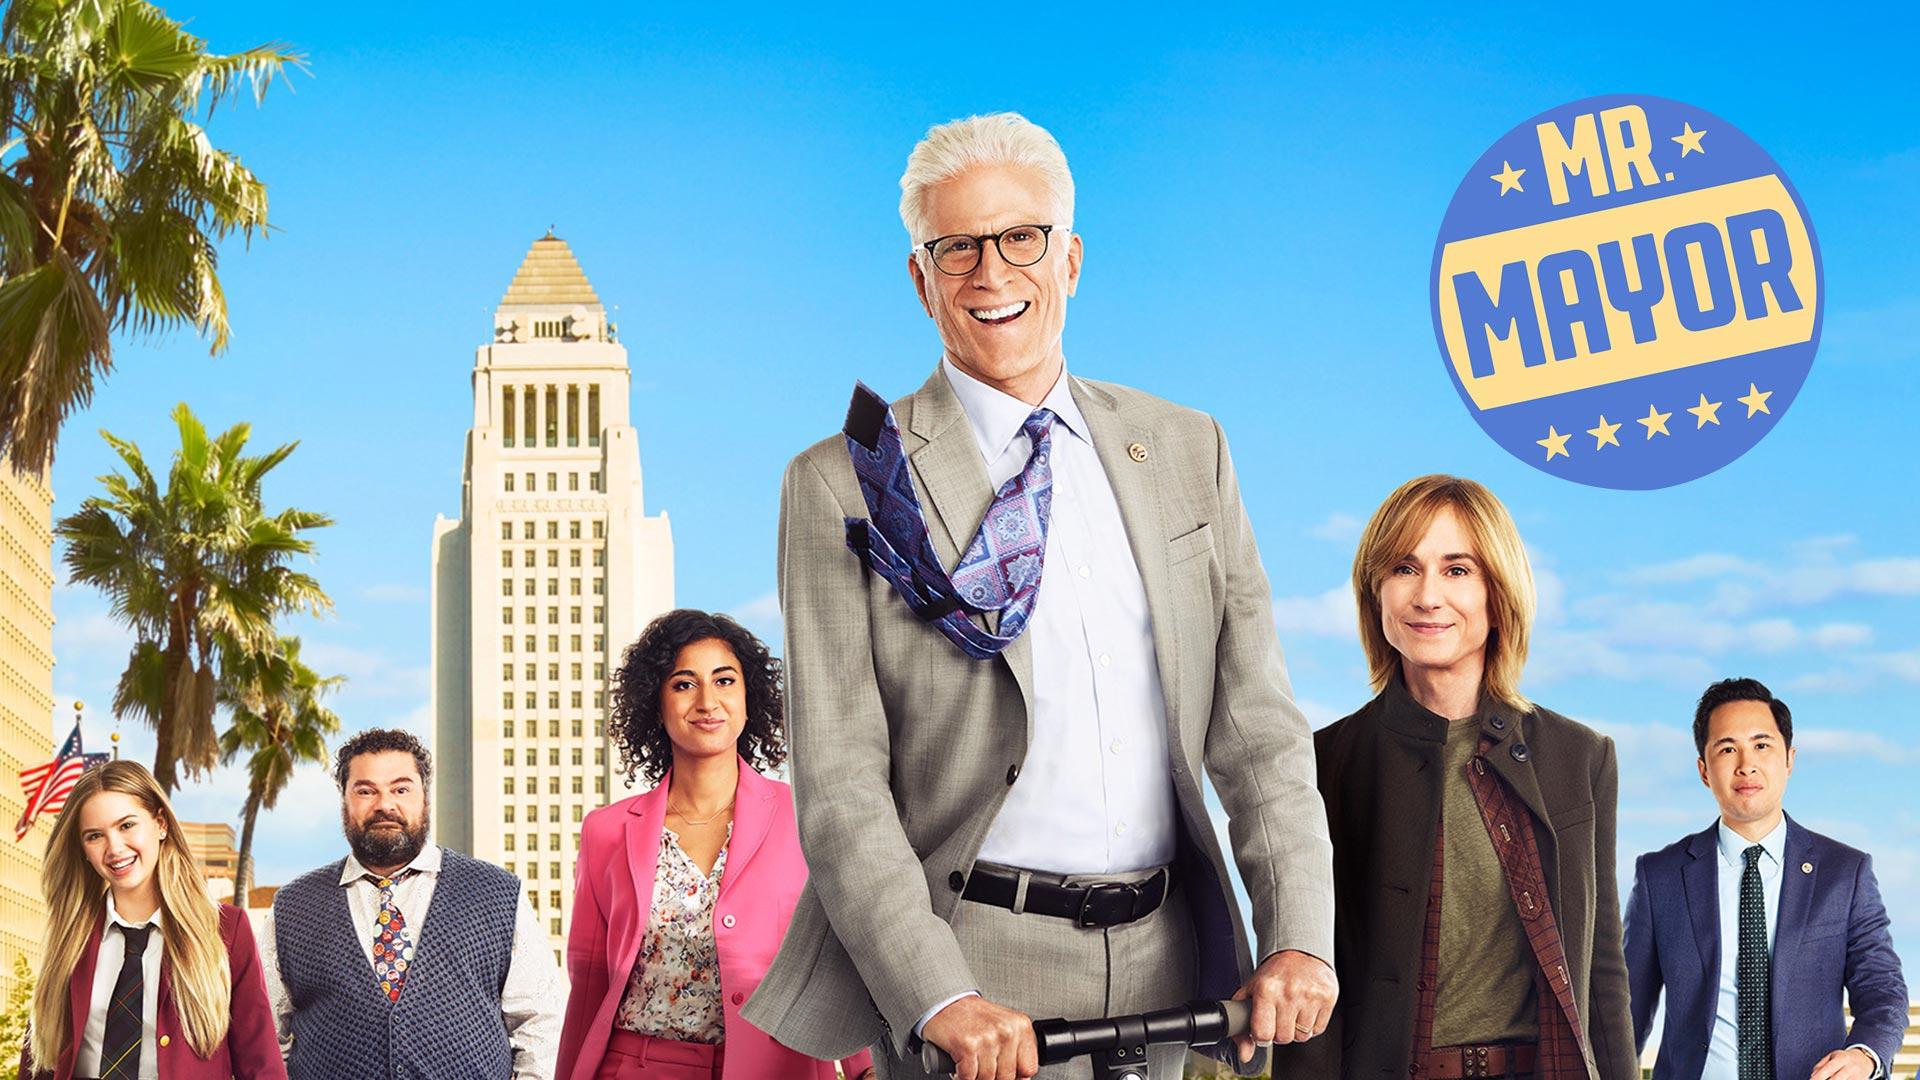 Mr. Mayor, Season 1